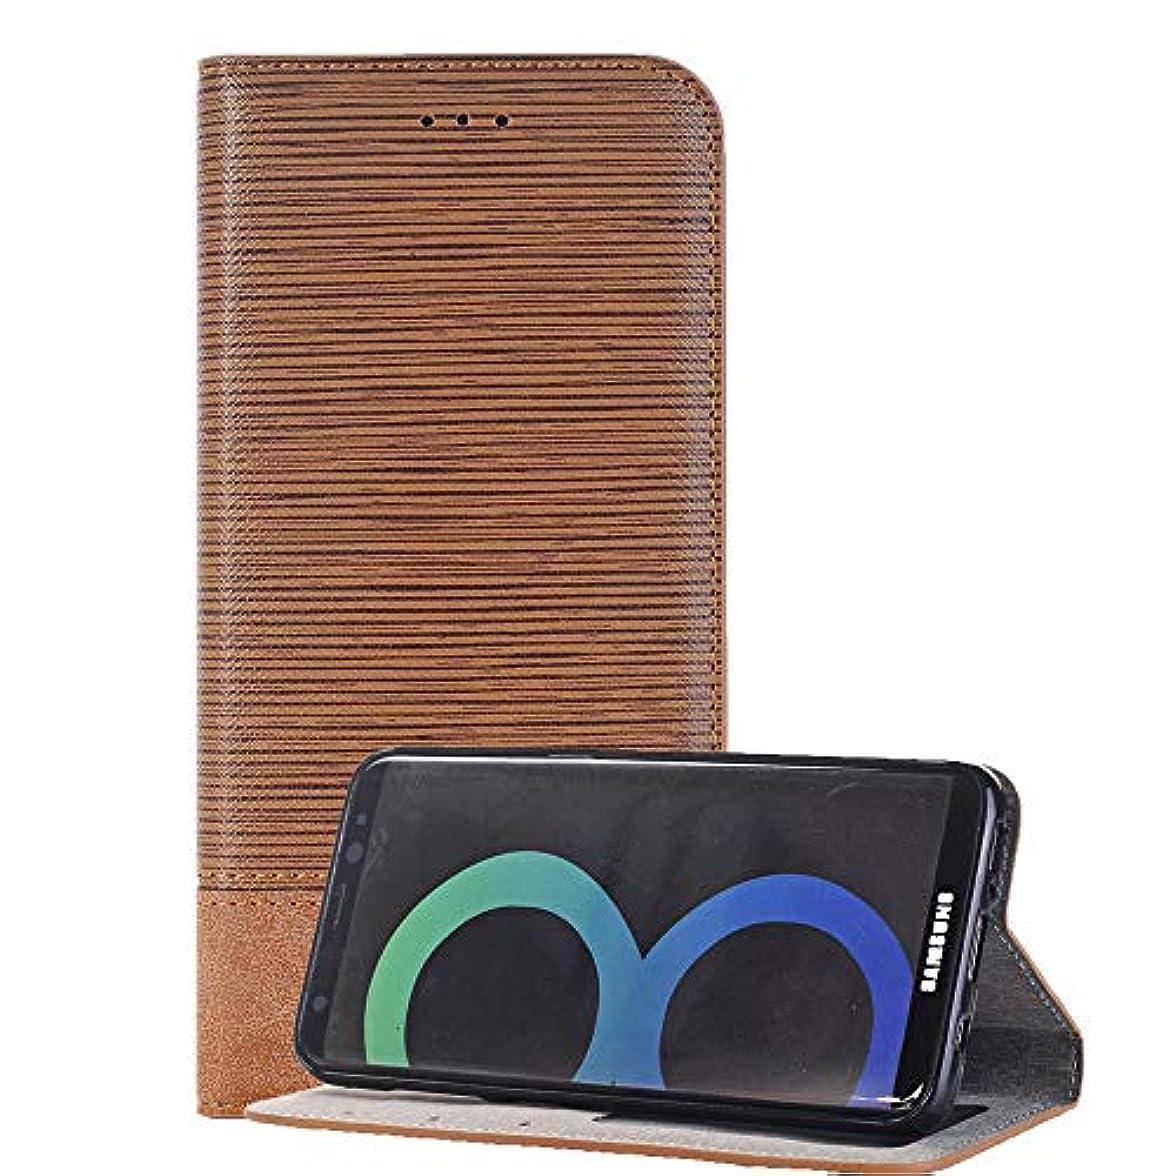 斧ディンカルビルサバントSamsung Galaxy S8 手帳型 ケース ギャラクシーs8 スマホケース カバー 脱着簡単 カードポケット 高品質 人気 おしゃれ カバー(ライトブラウン)